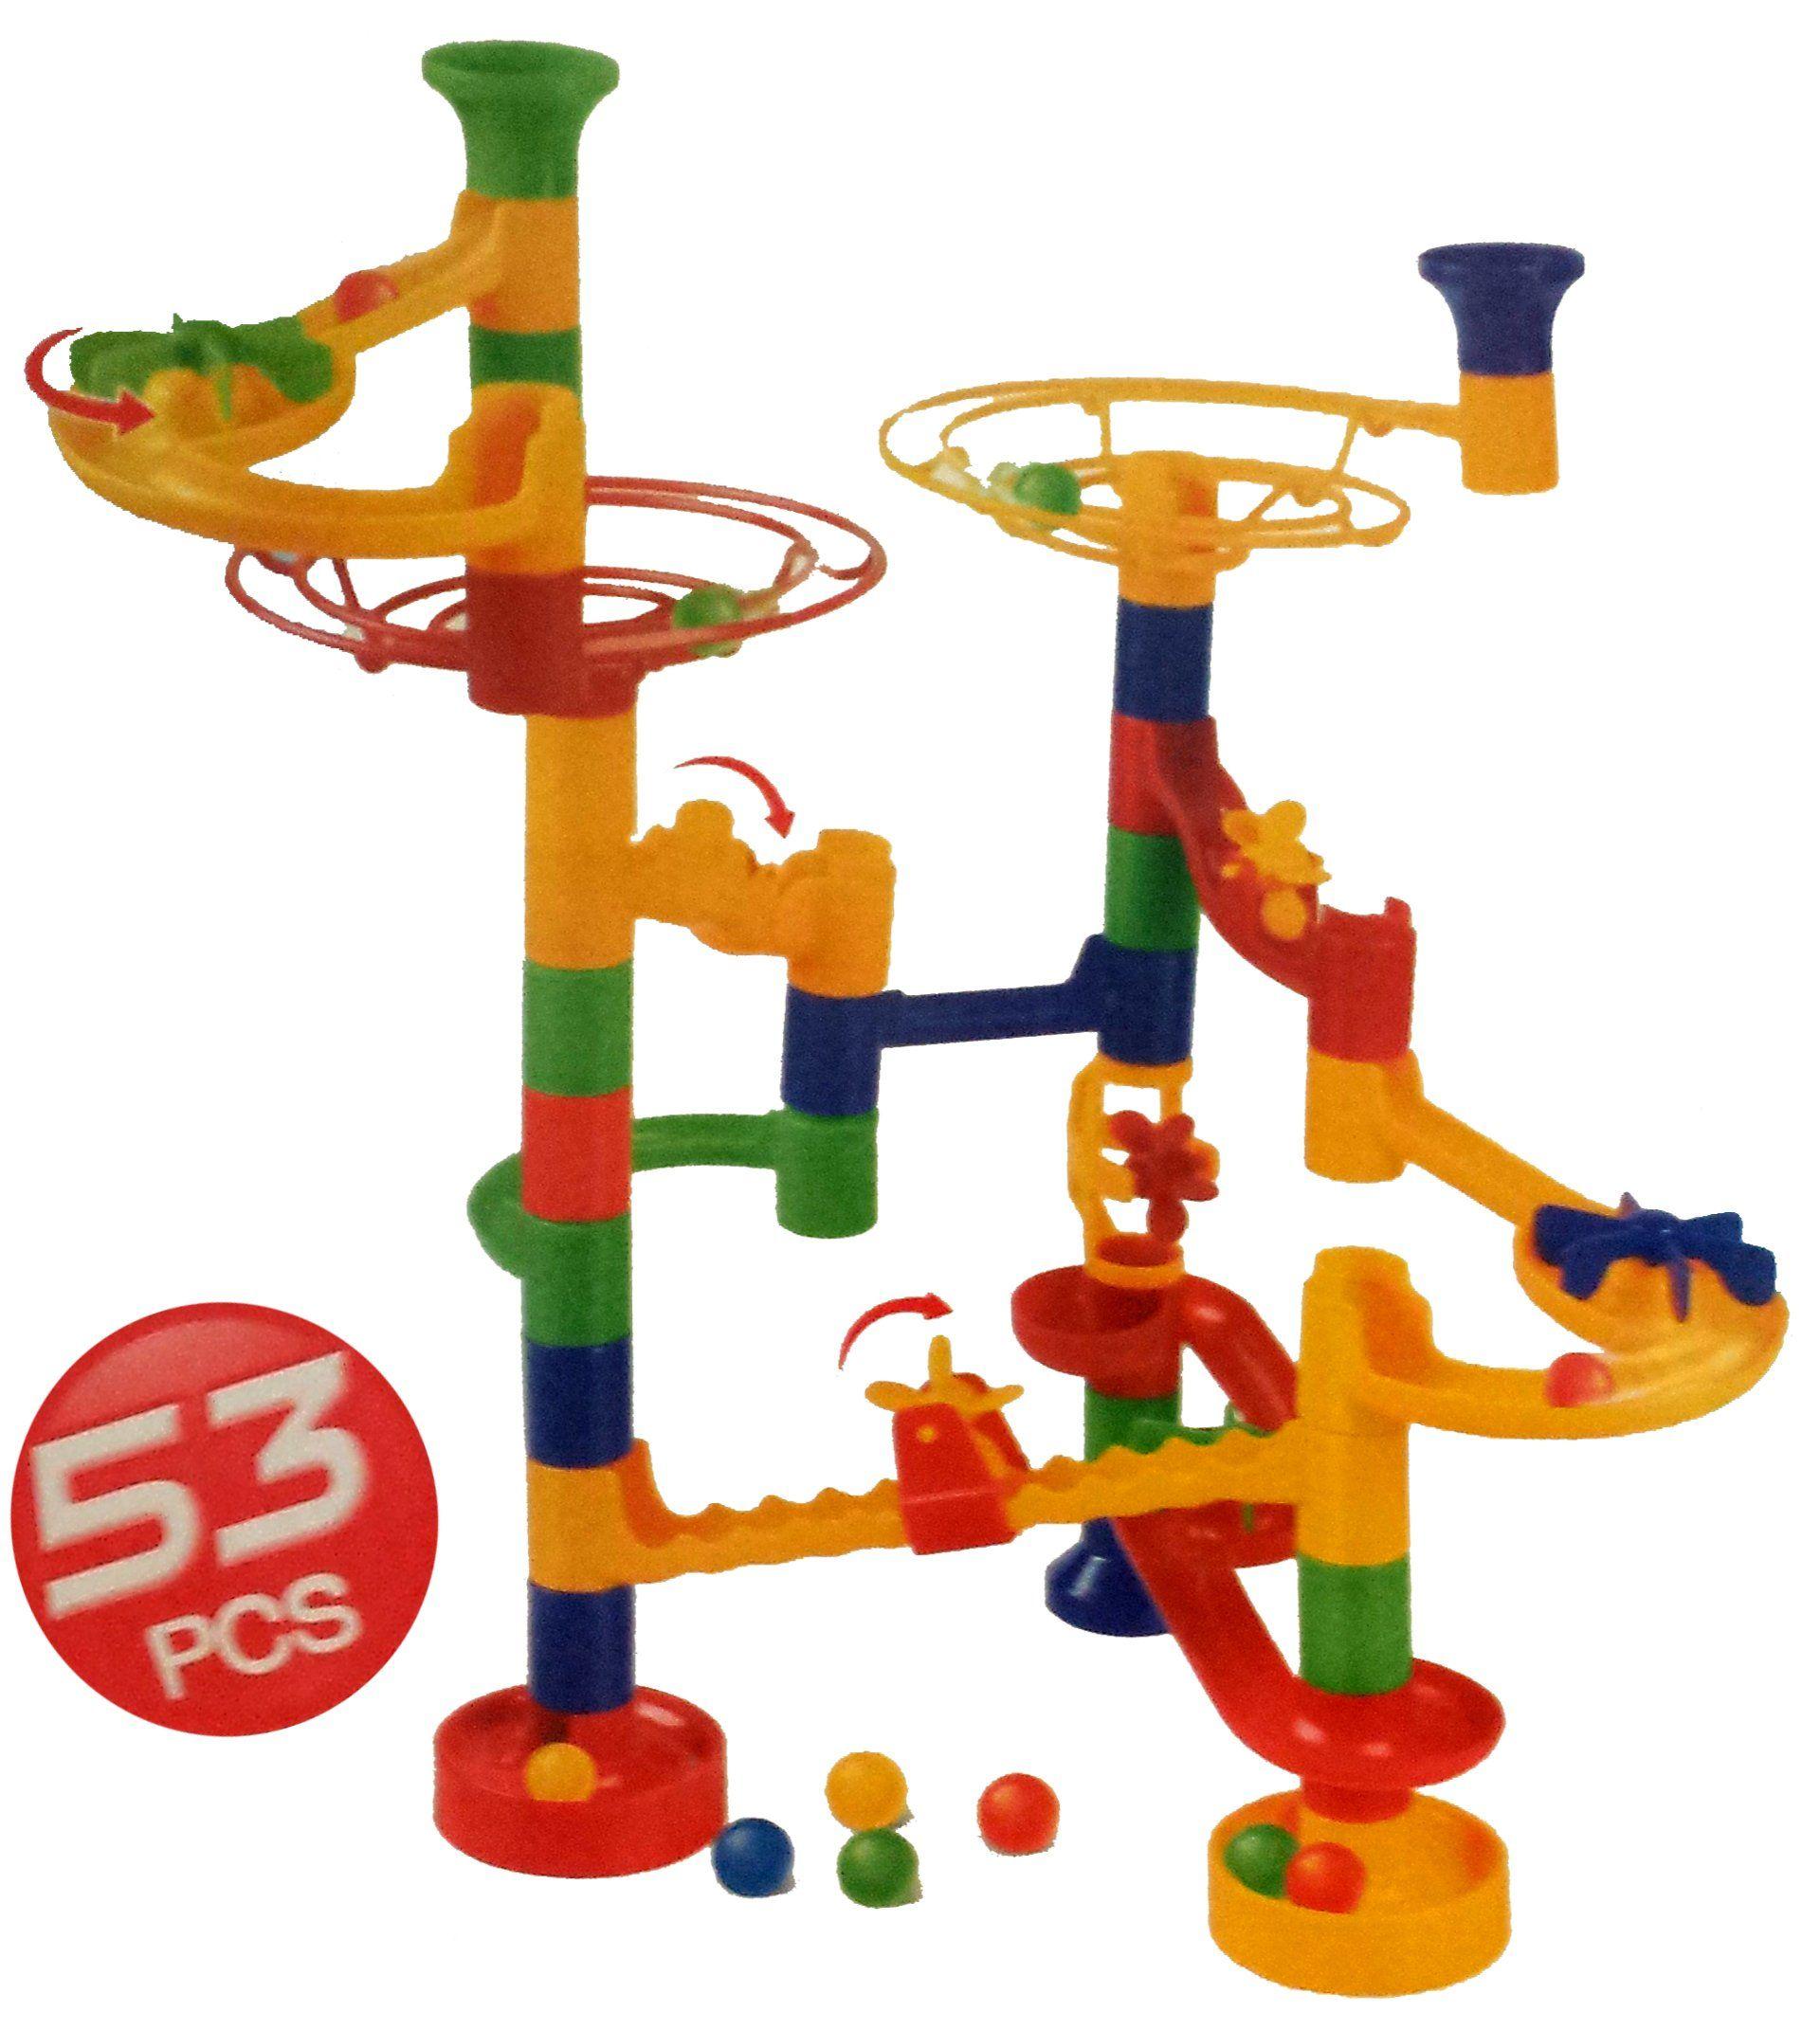 Galt Toys Mega Marble Run Amazon.co.uk Toys & Games